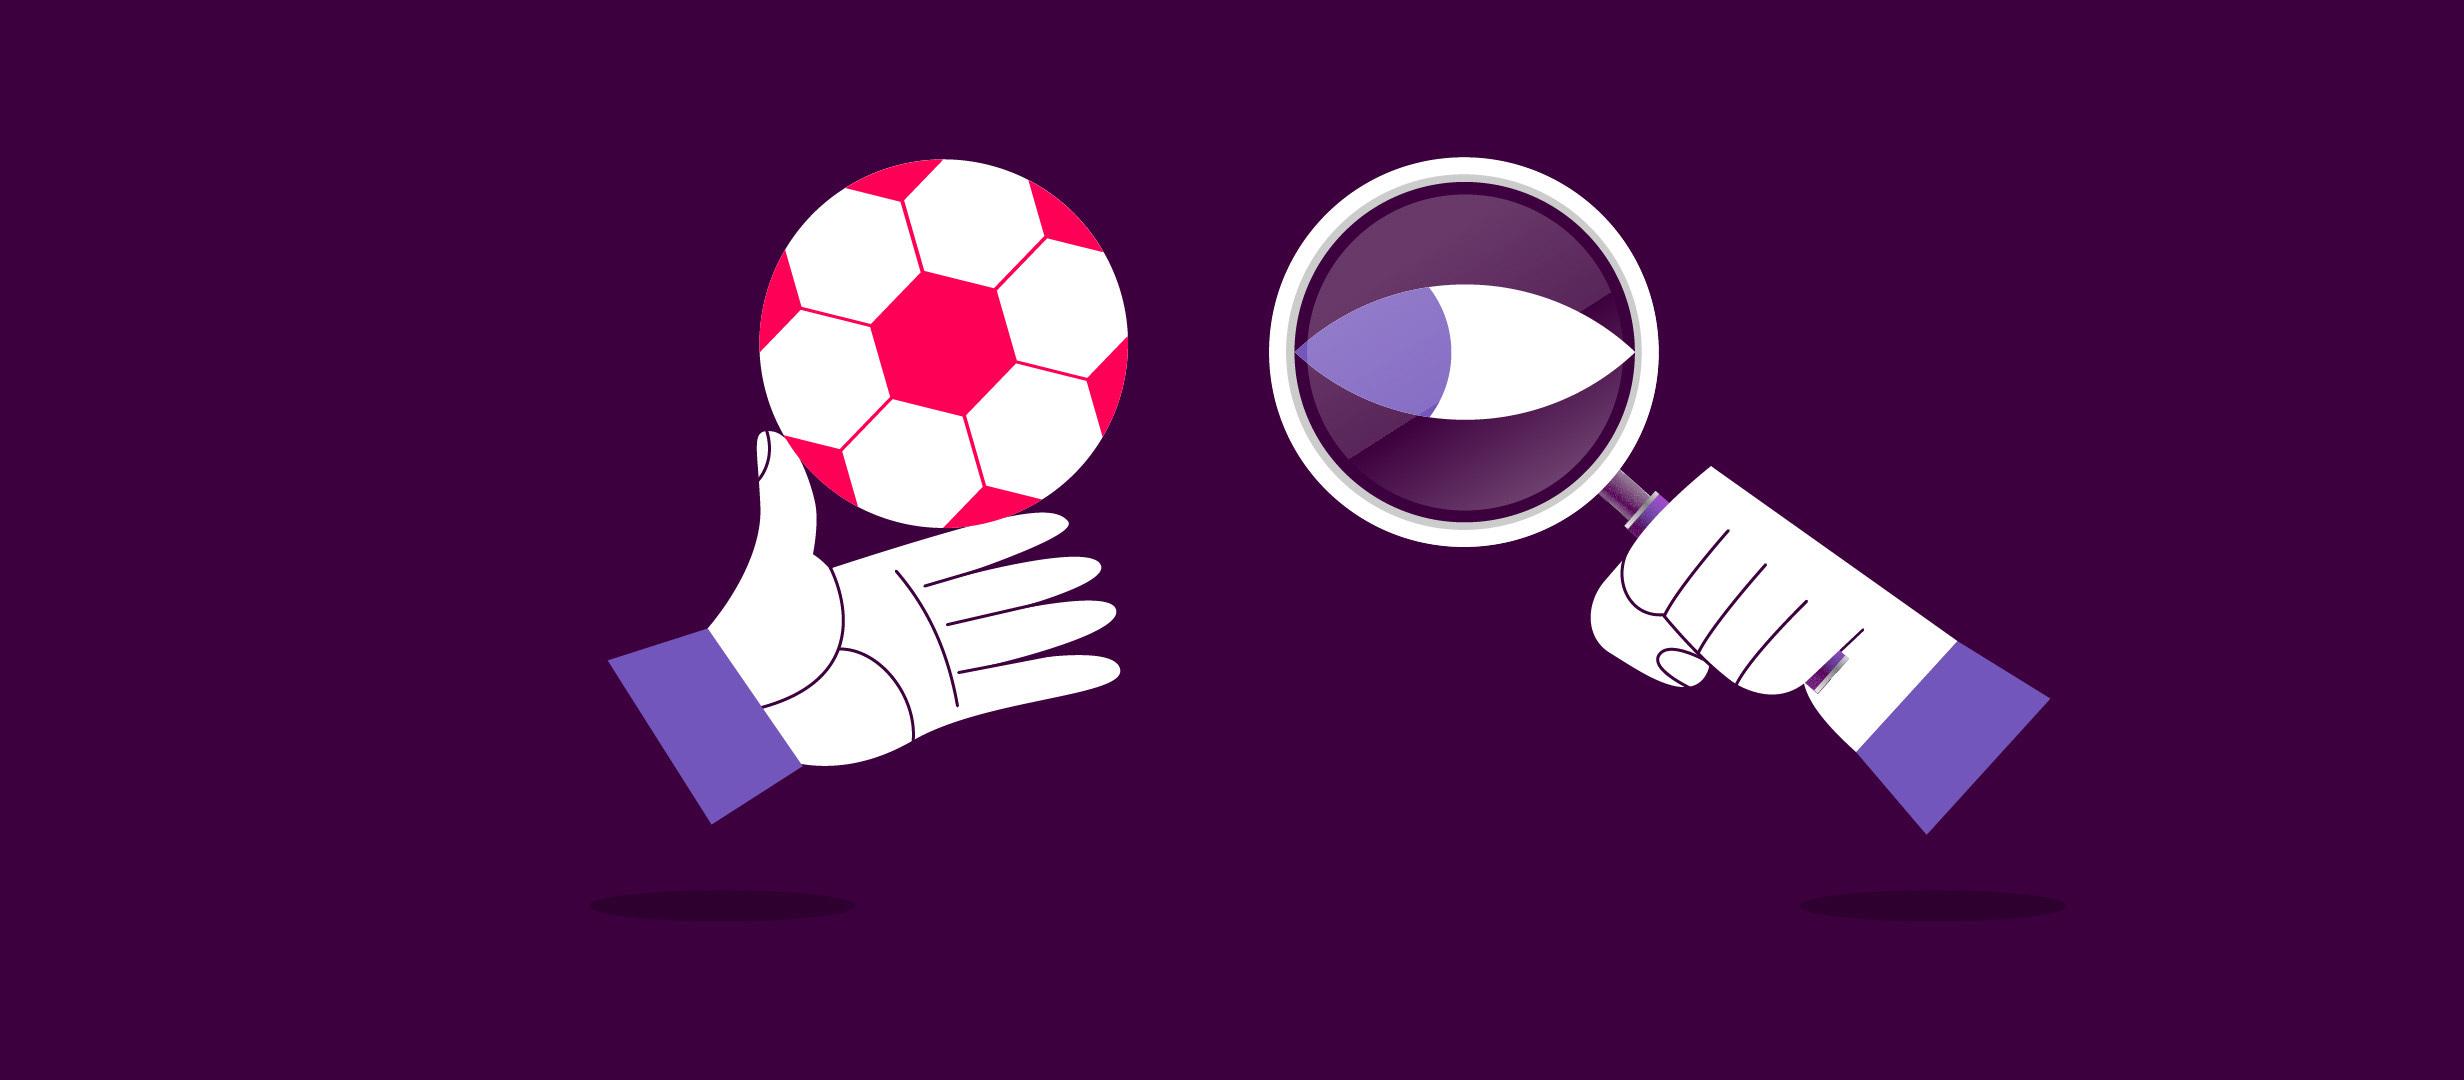 Кому в АПЛ Лига чемпионов мешает: ставки на матчи субботы и воскресенья